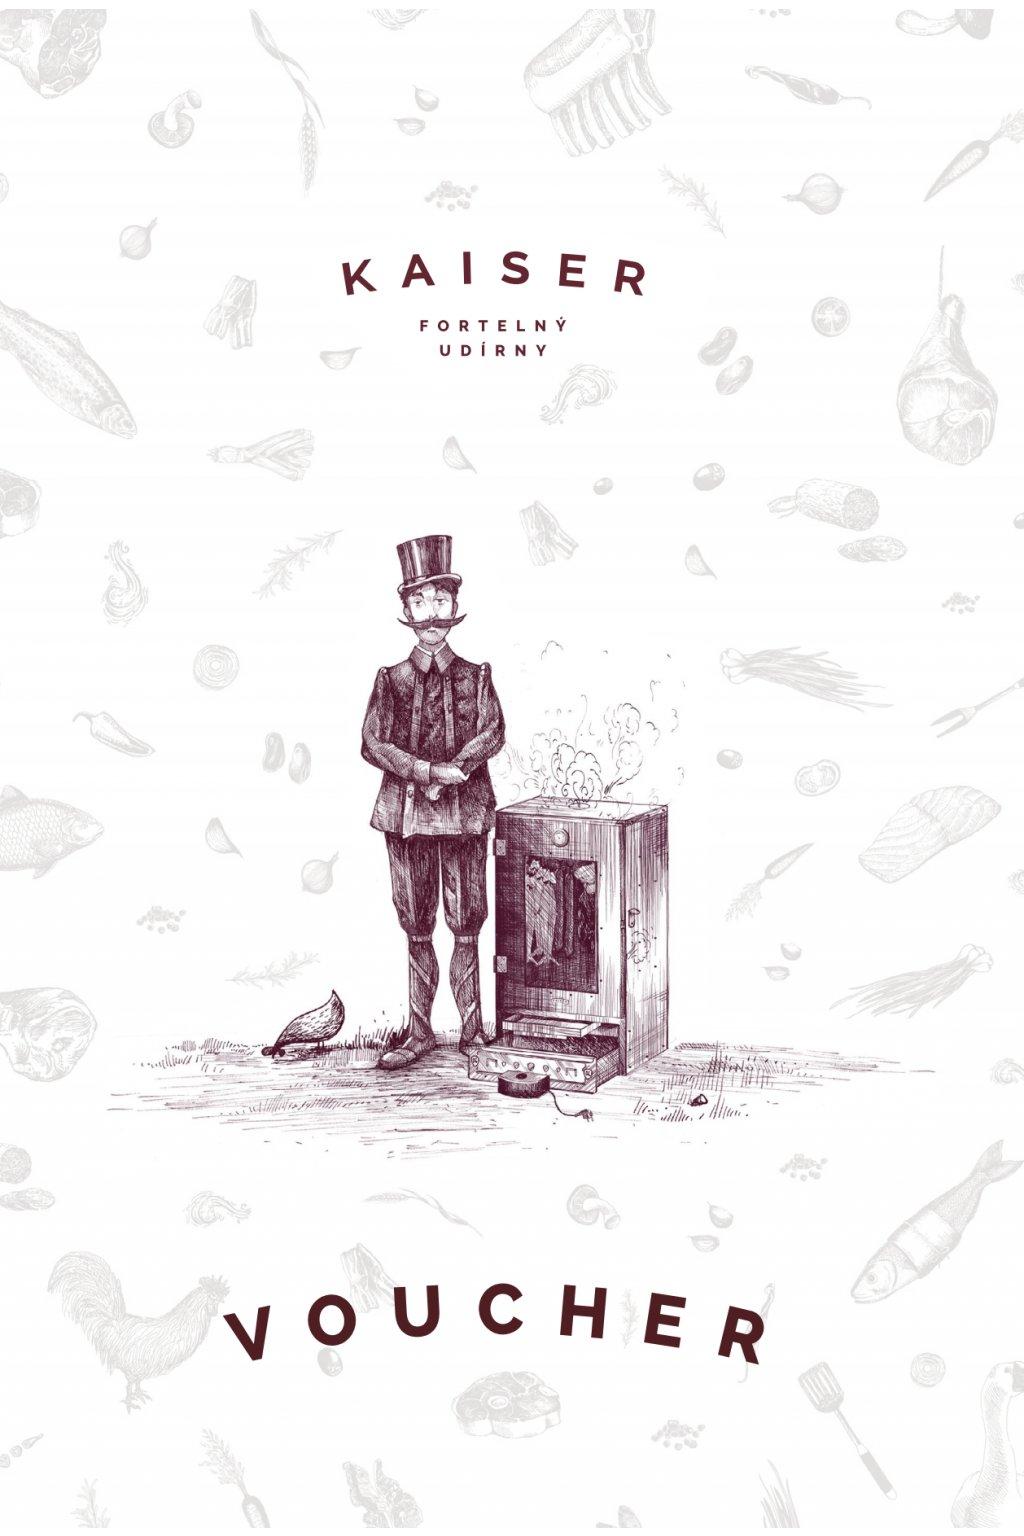 kaiser-voucher-50